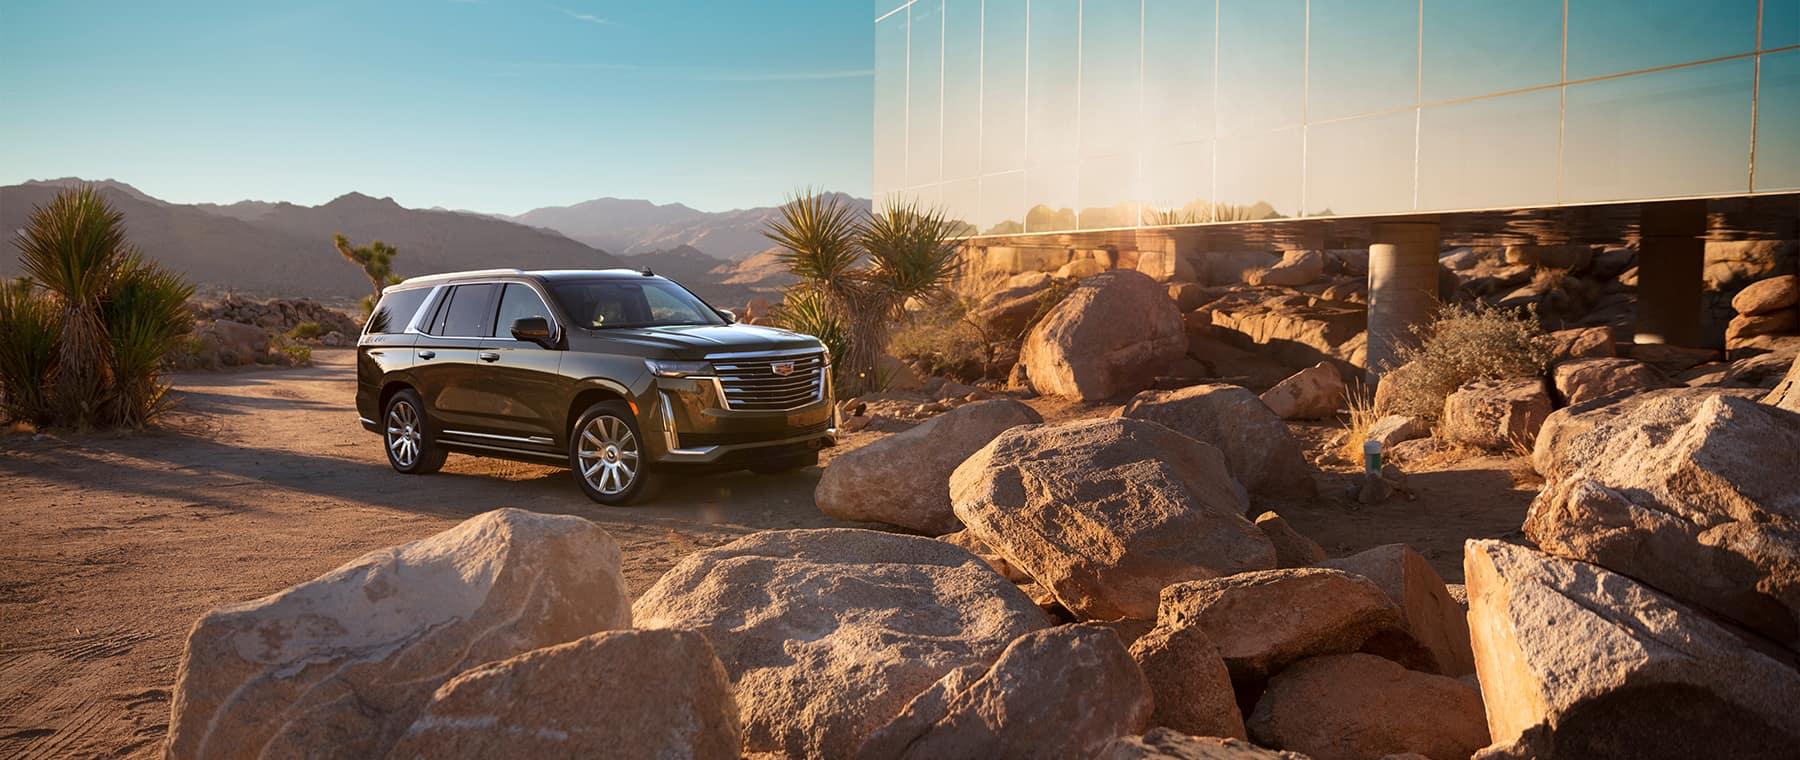 2021 Cadillac Escalade in desert